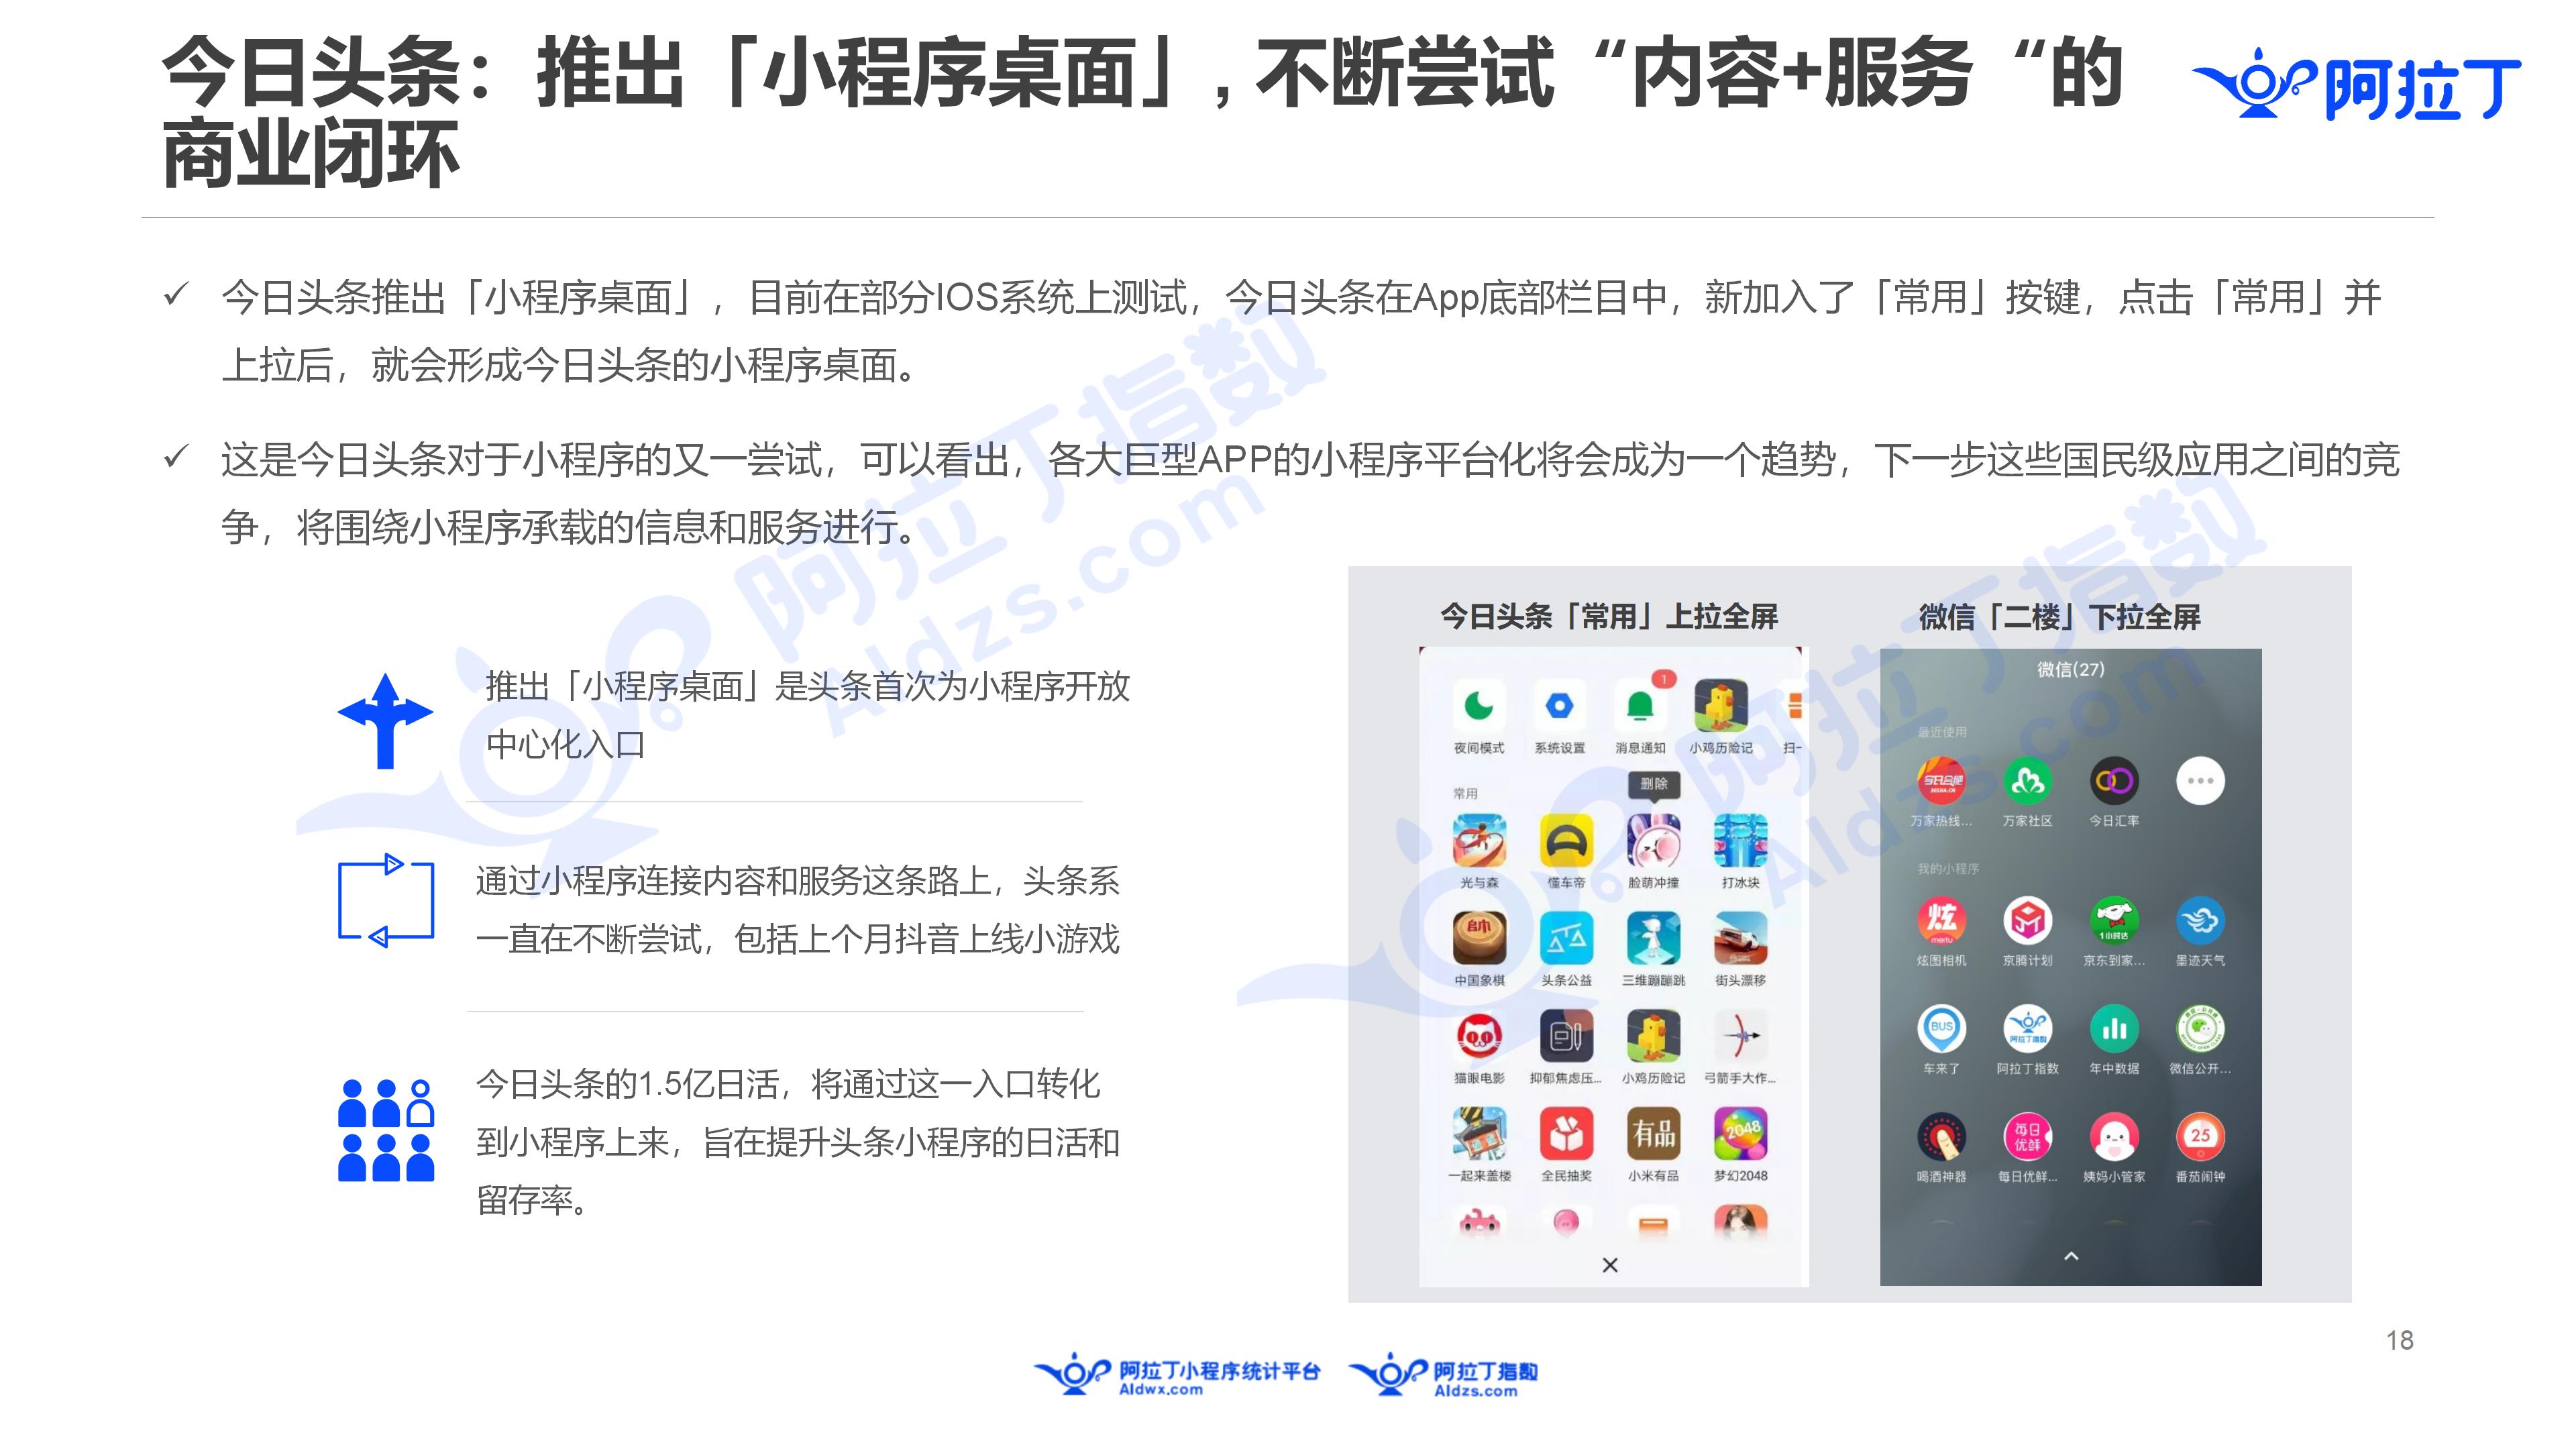 2019年3月中国小程序行业月度报告v5(1)_18.png